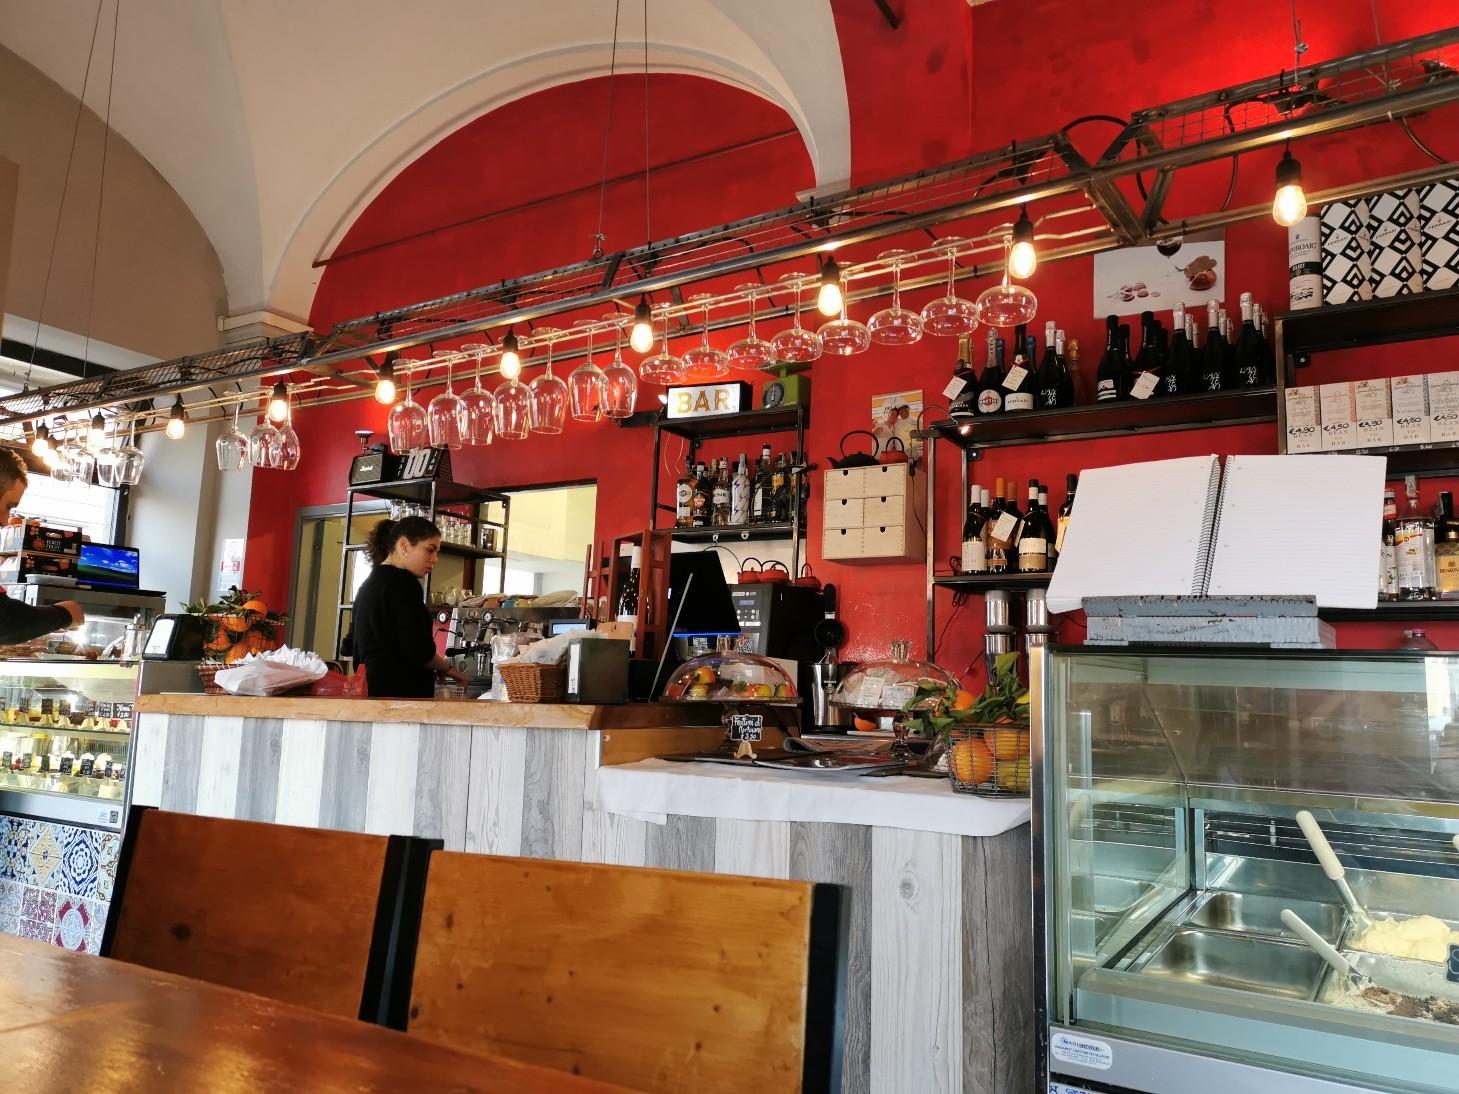 ピスタチオだったらこの店〜ラ・カーサ・ディ・マルツァパーネ_f0106597_03512144.jpg